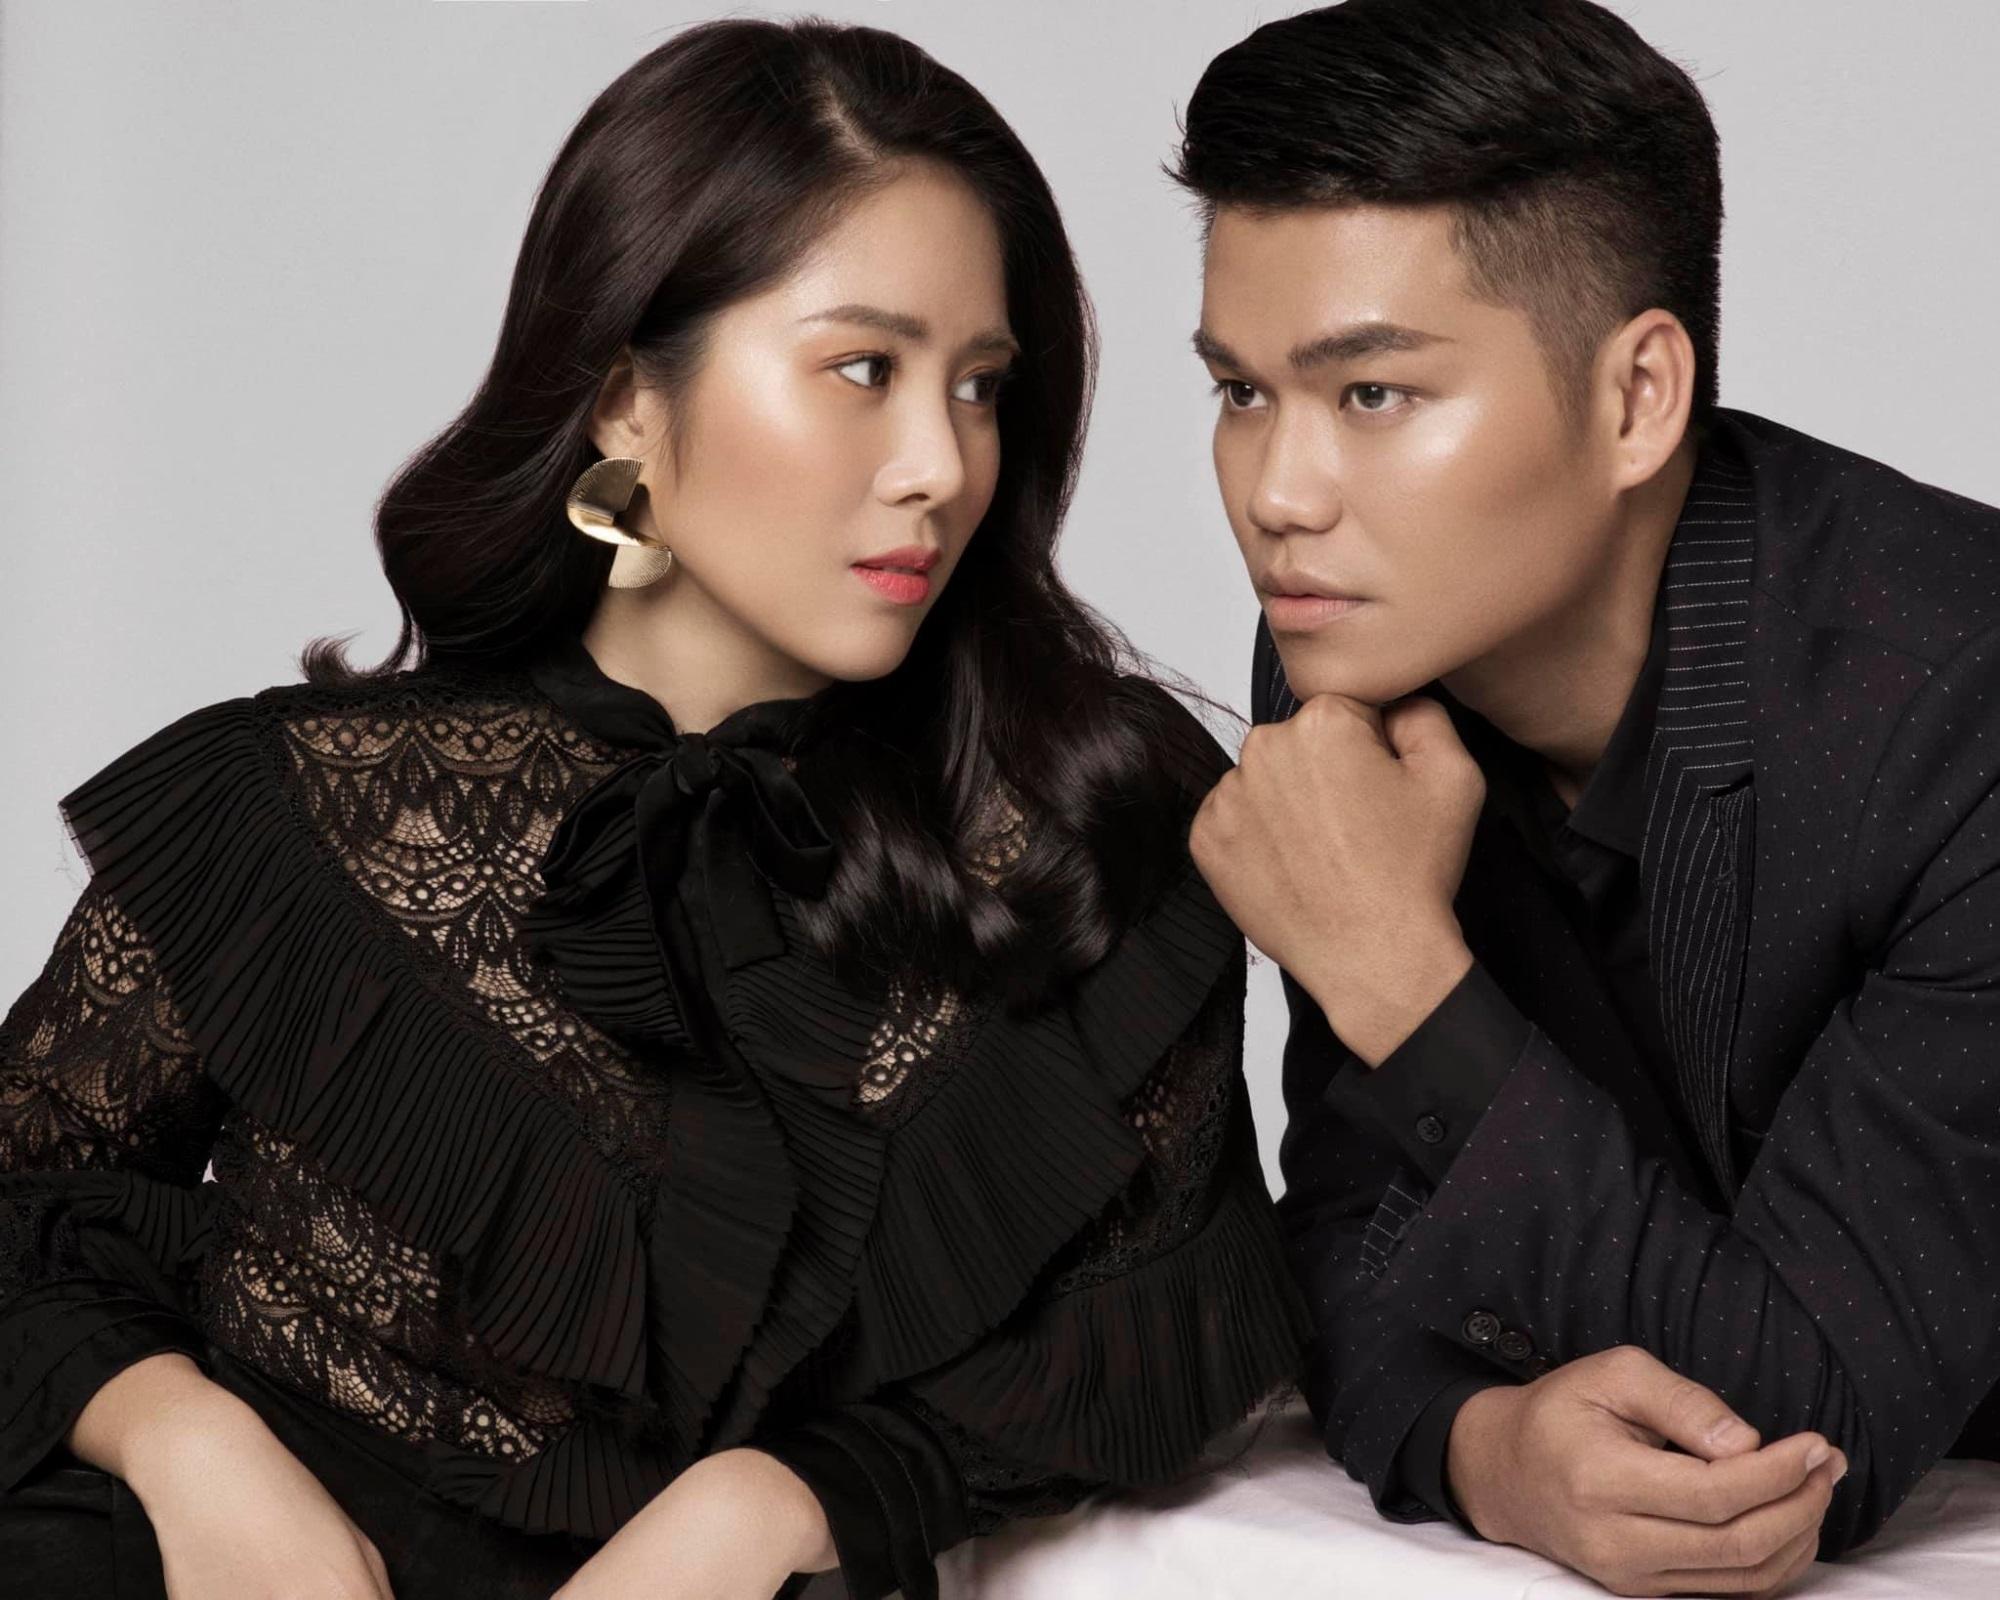 Hôn nhân tan vỡ, mỹ nhân Việt nên duyên cùng tình trẻ: Người được cưng chiều hết nấc, người kết hôn cùng 'phi công' kém 10 tuổi  - Ảnh 16